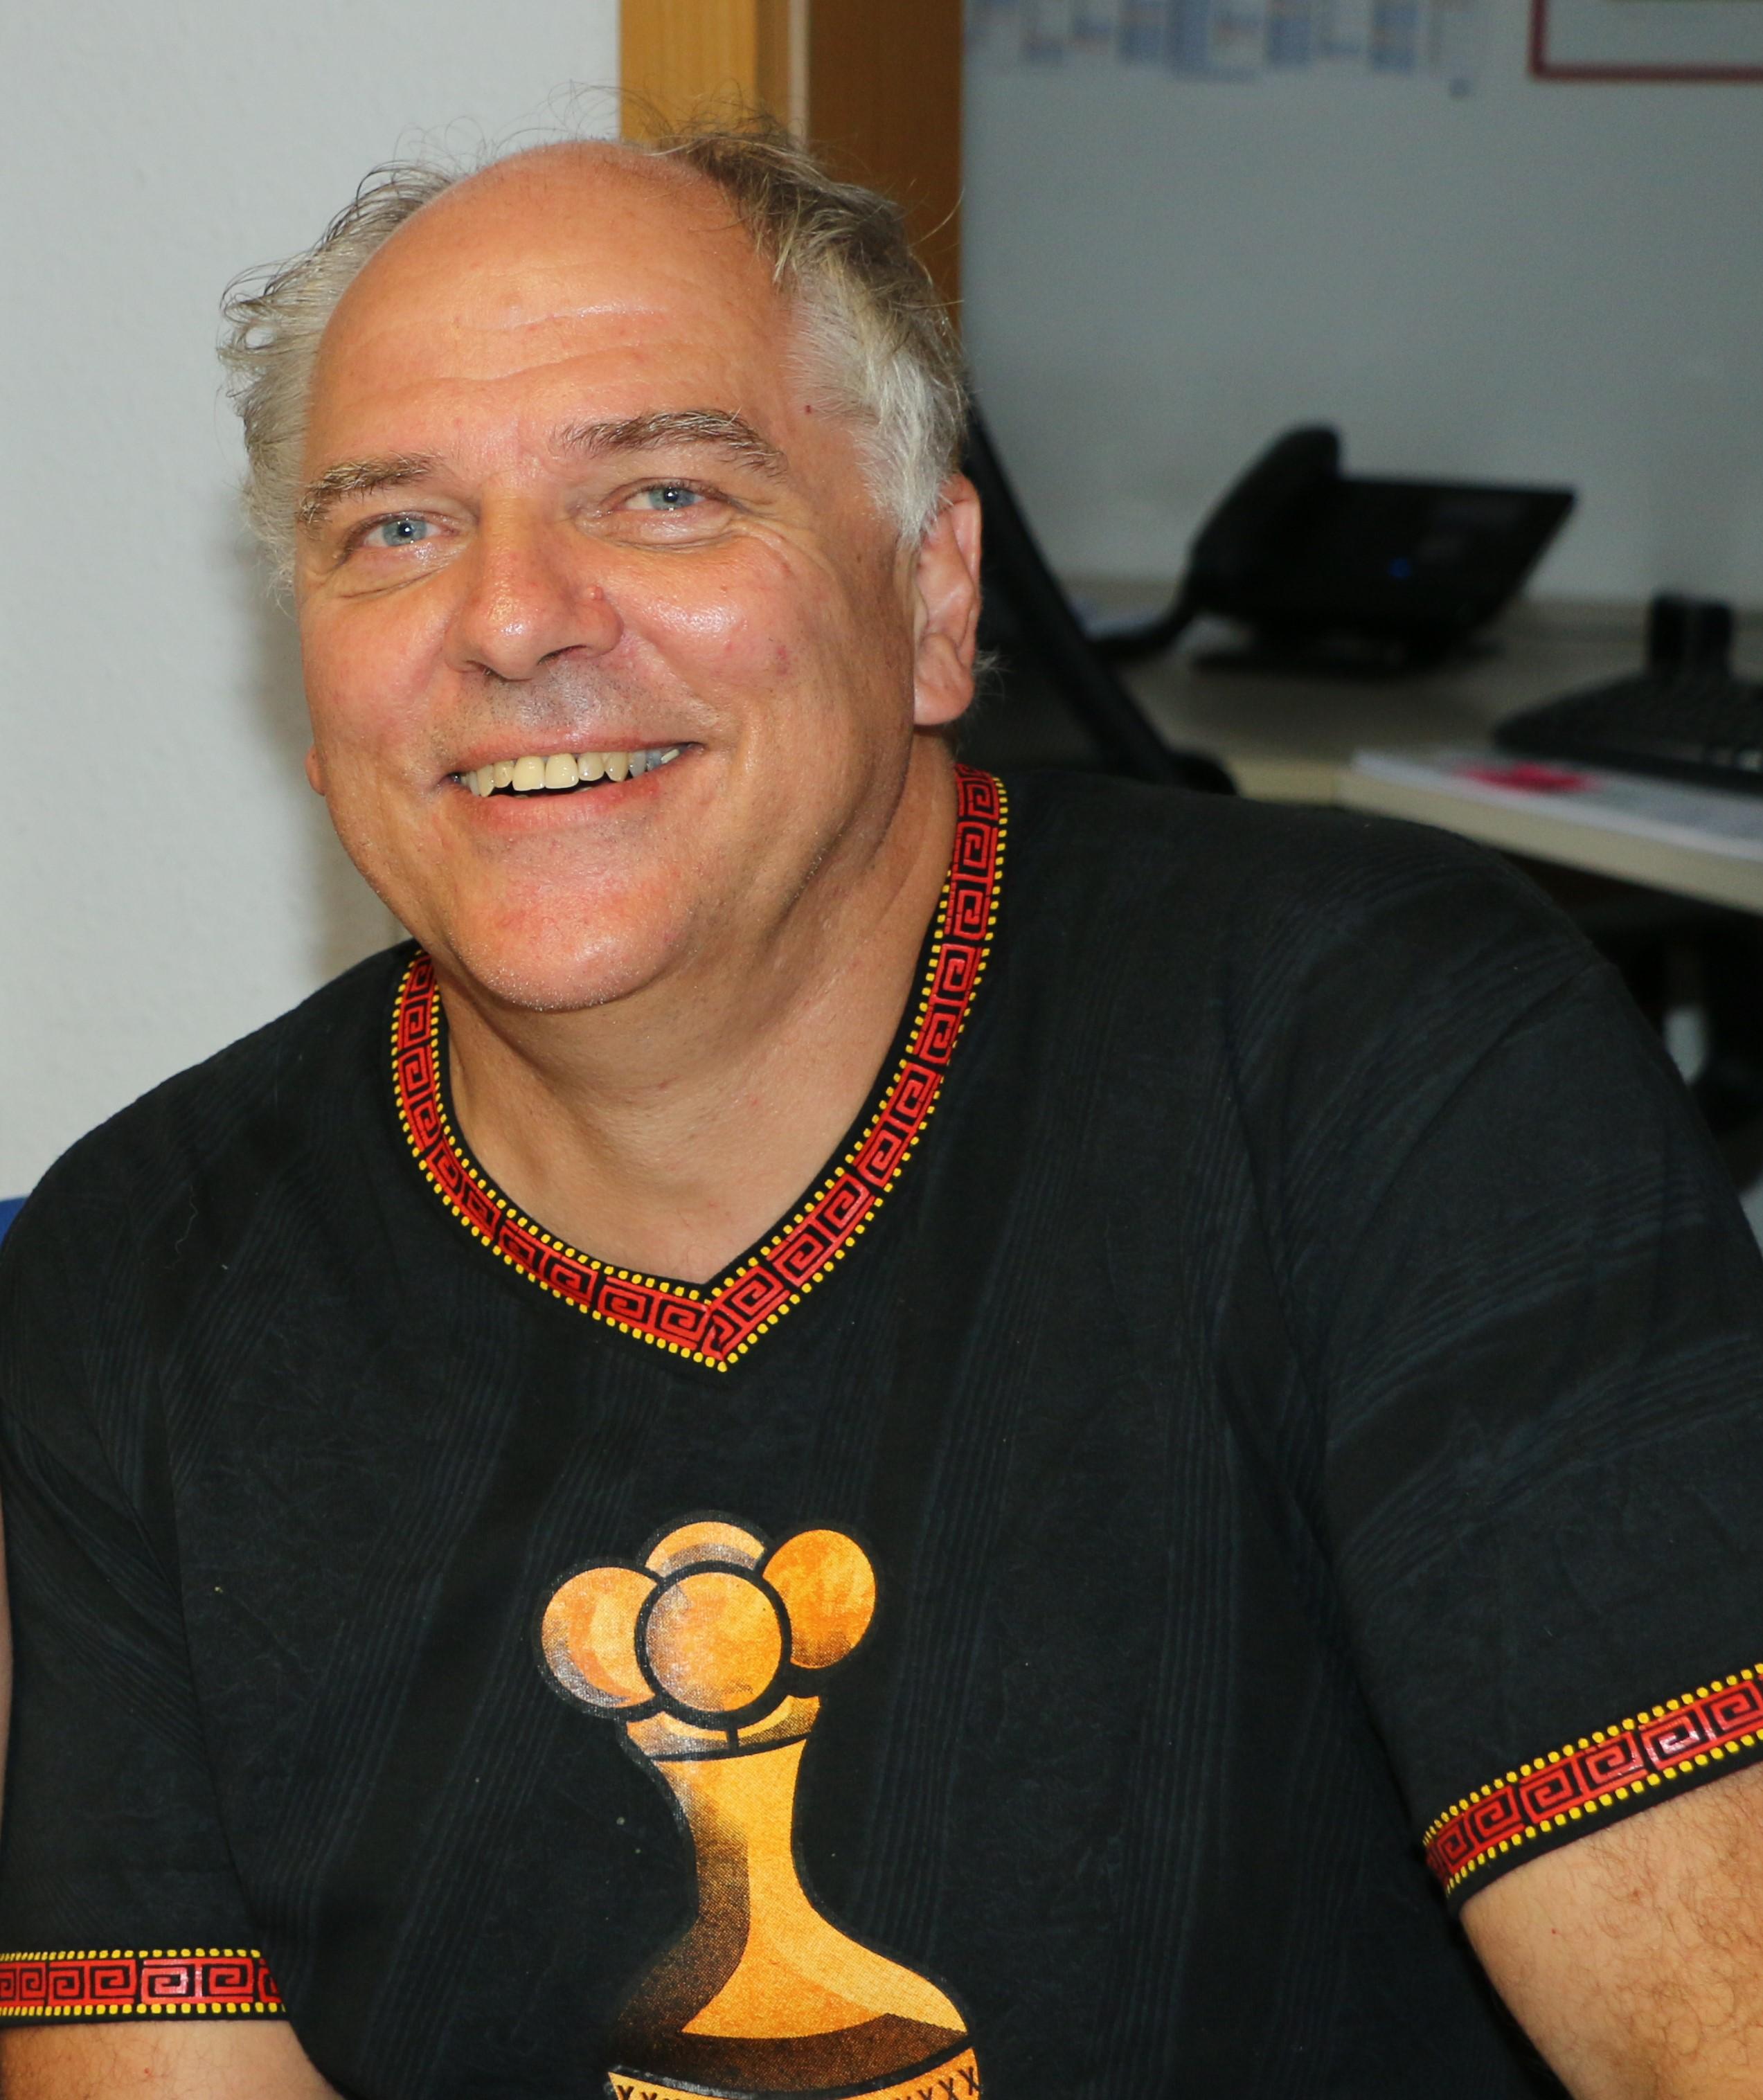 Erwin Schaefer